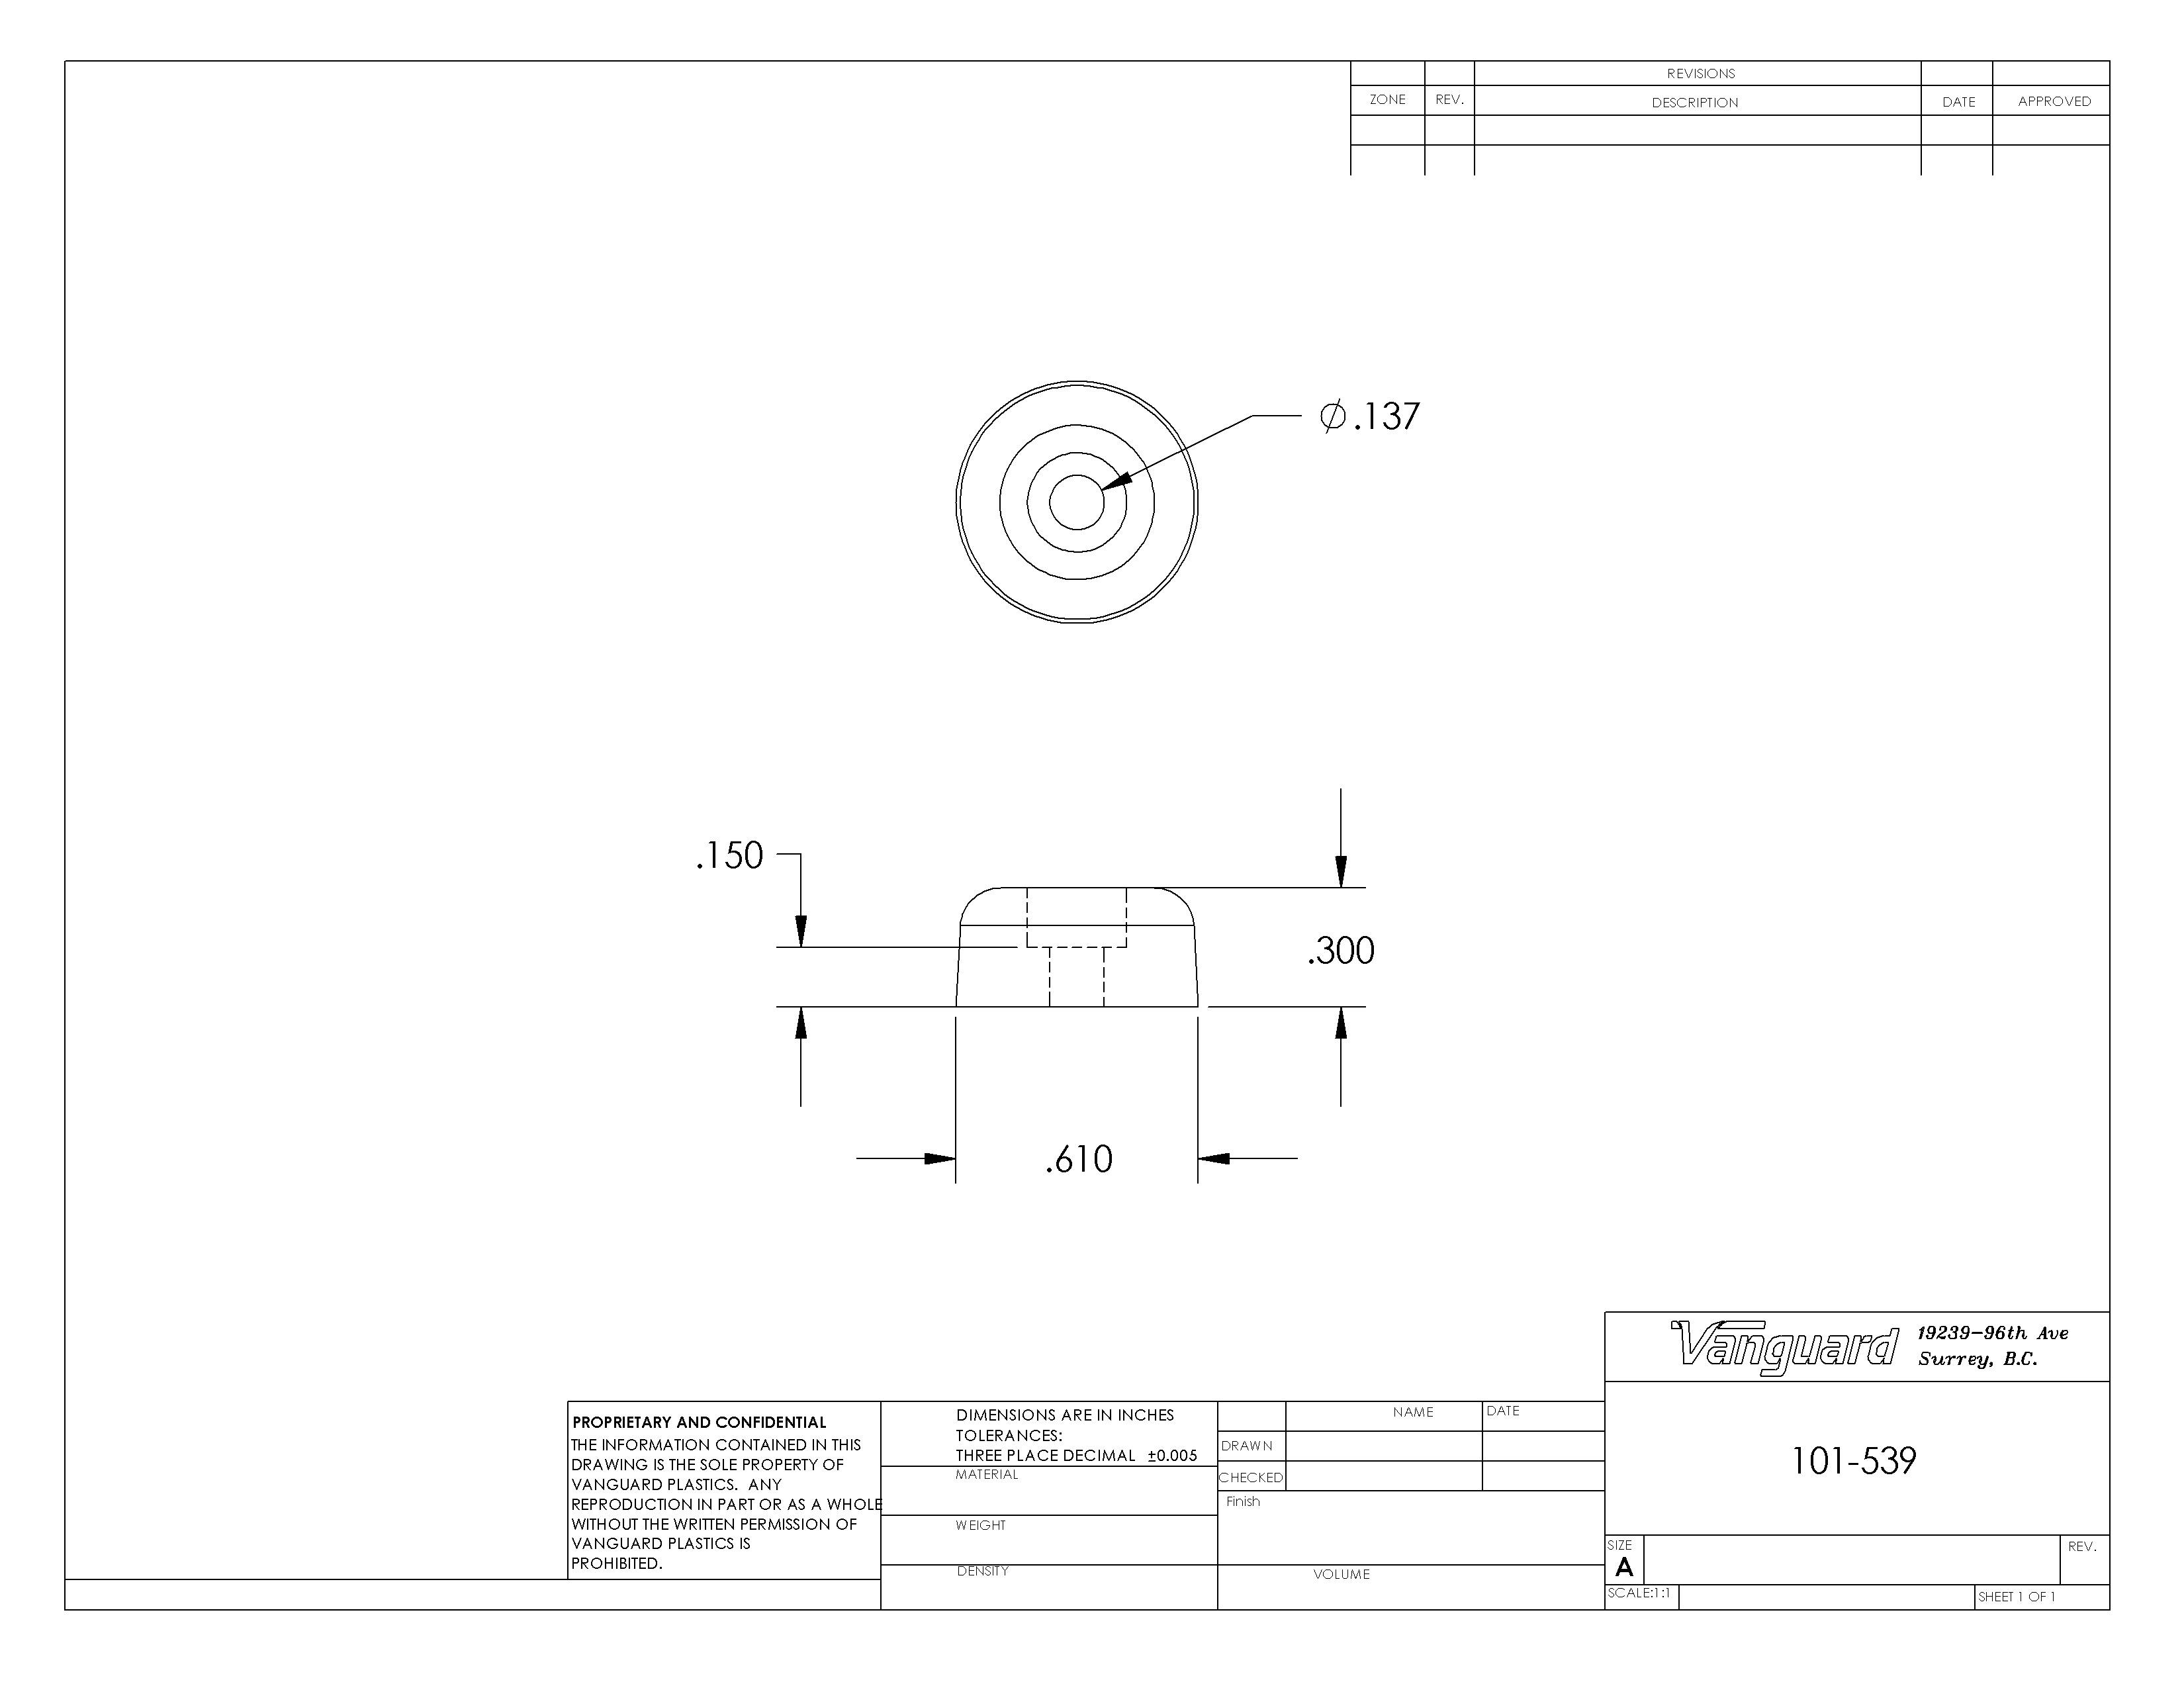 Vanguard Double Hook Mortise Lock For Patio Sliding Door 320 0115 Diagram